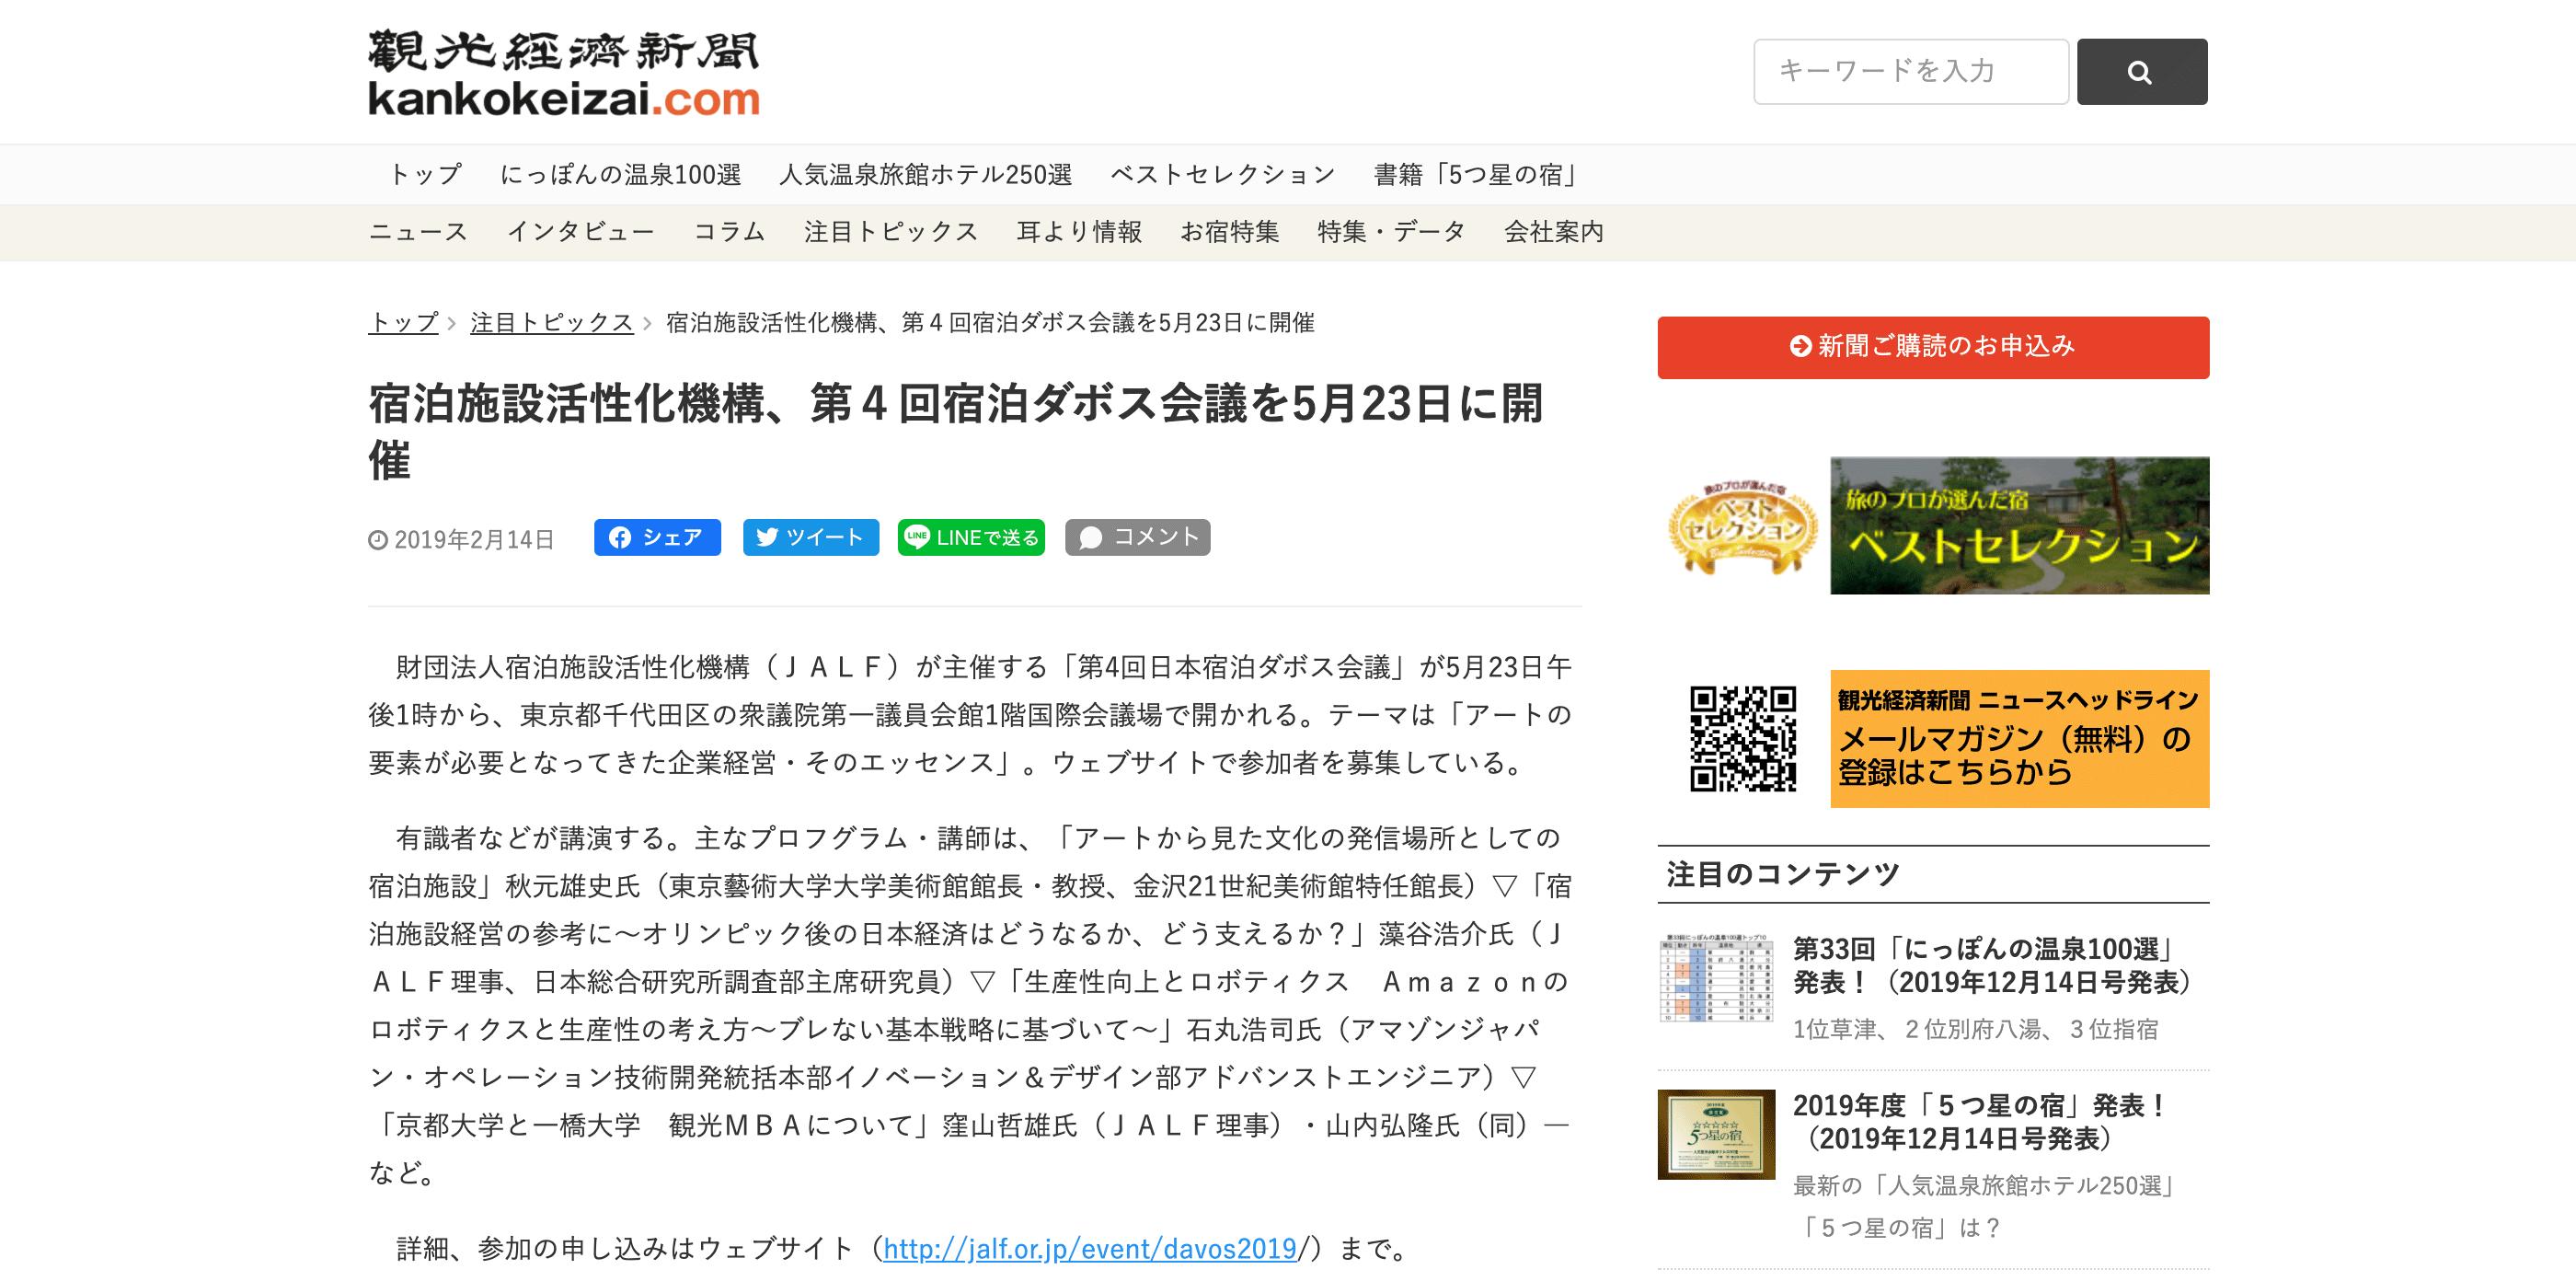 2019年4月17日(水)の週刊「観光経済新聞」に「第4回 日本宿泊ダボス会議」が取り上げられました。